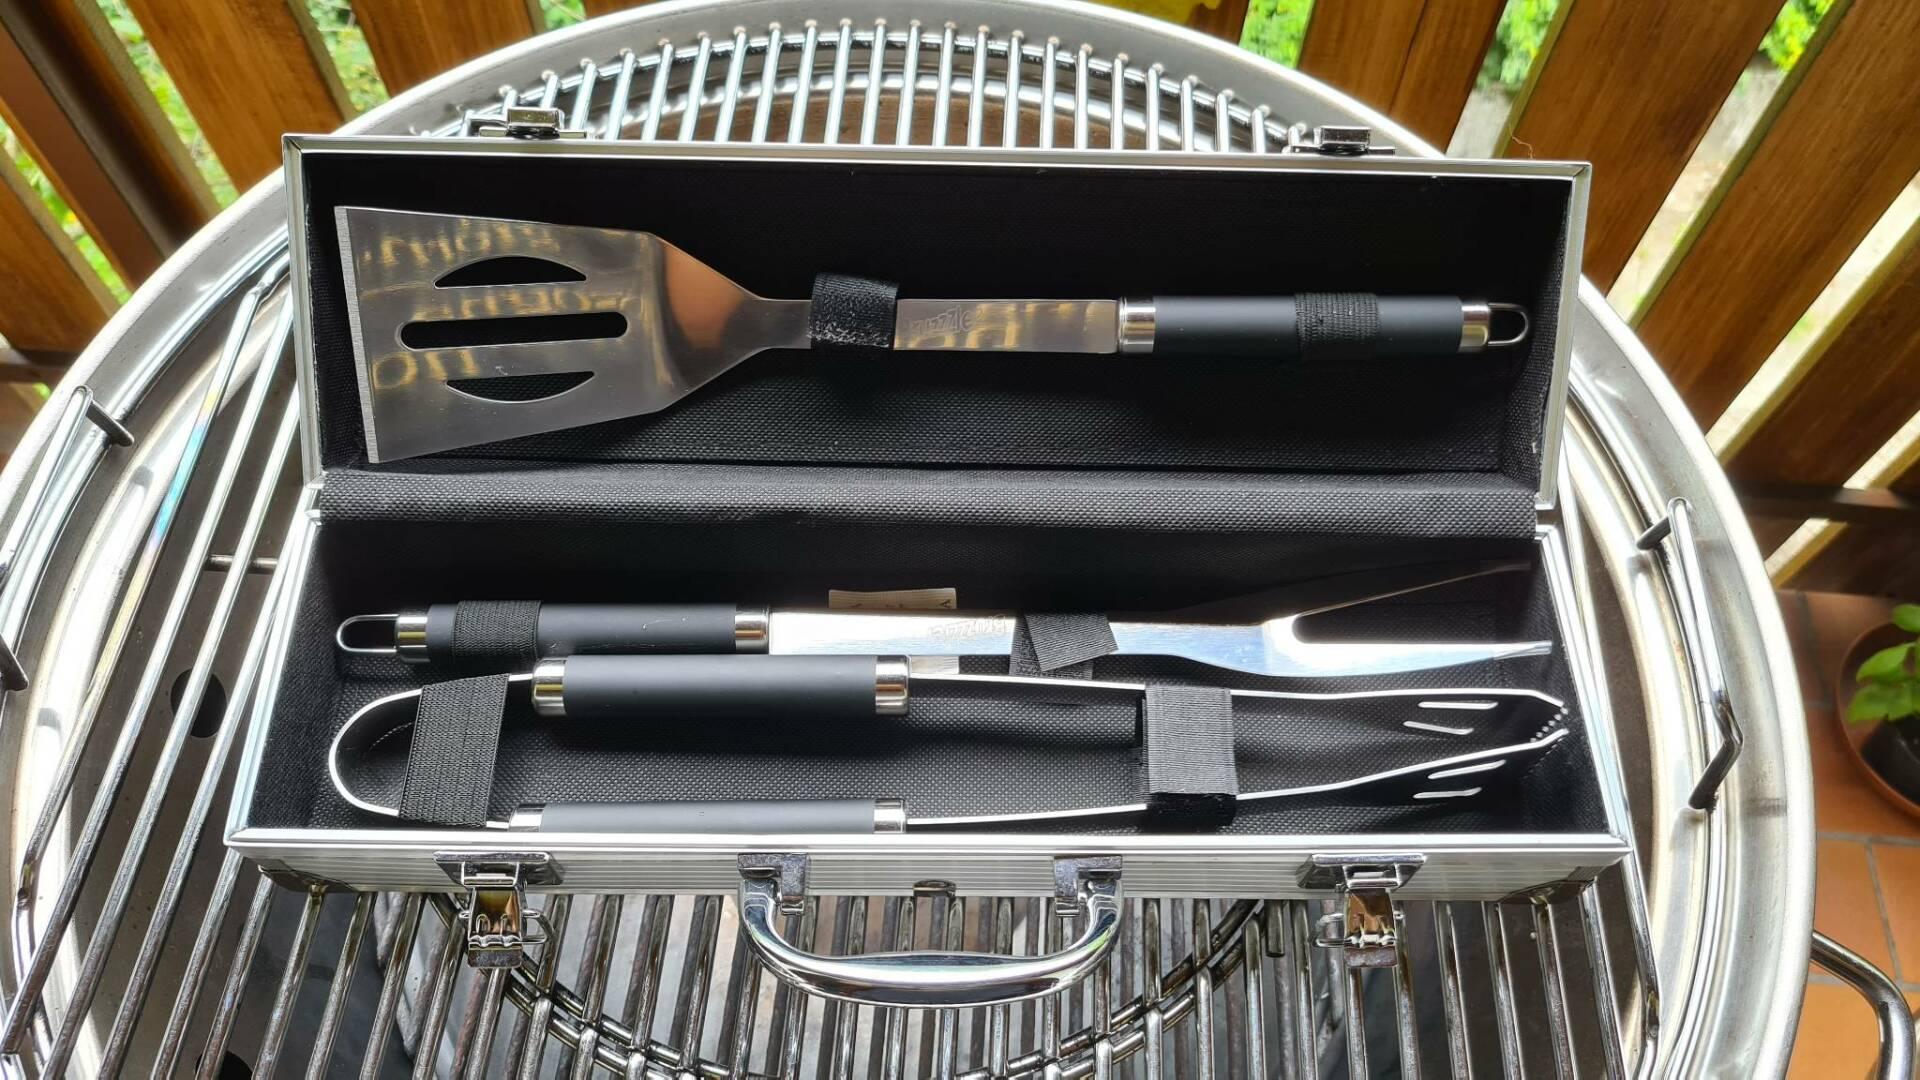 accessori per il barbecue